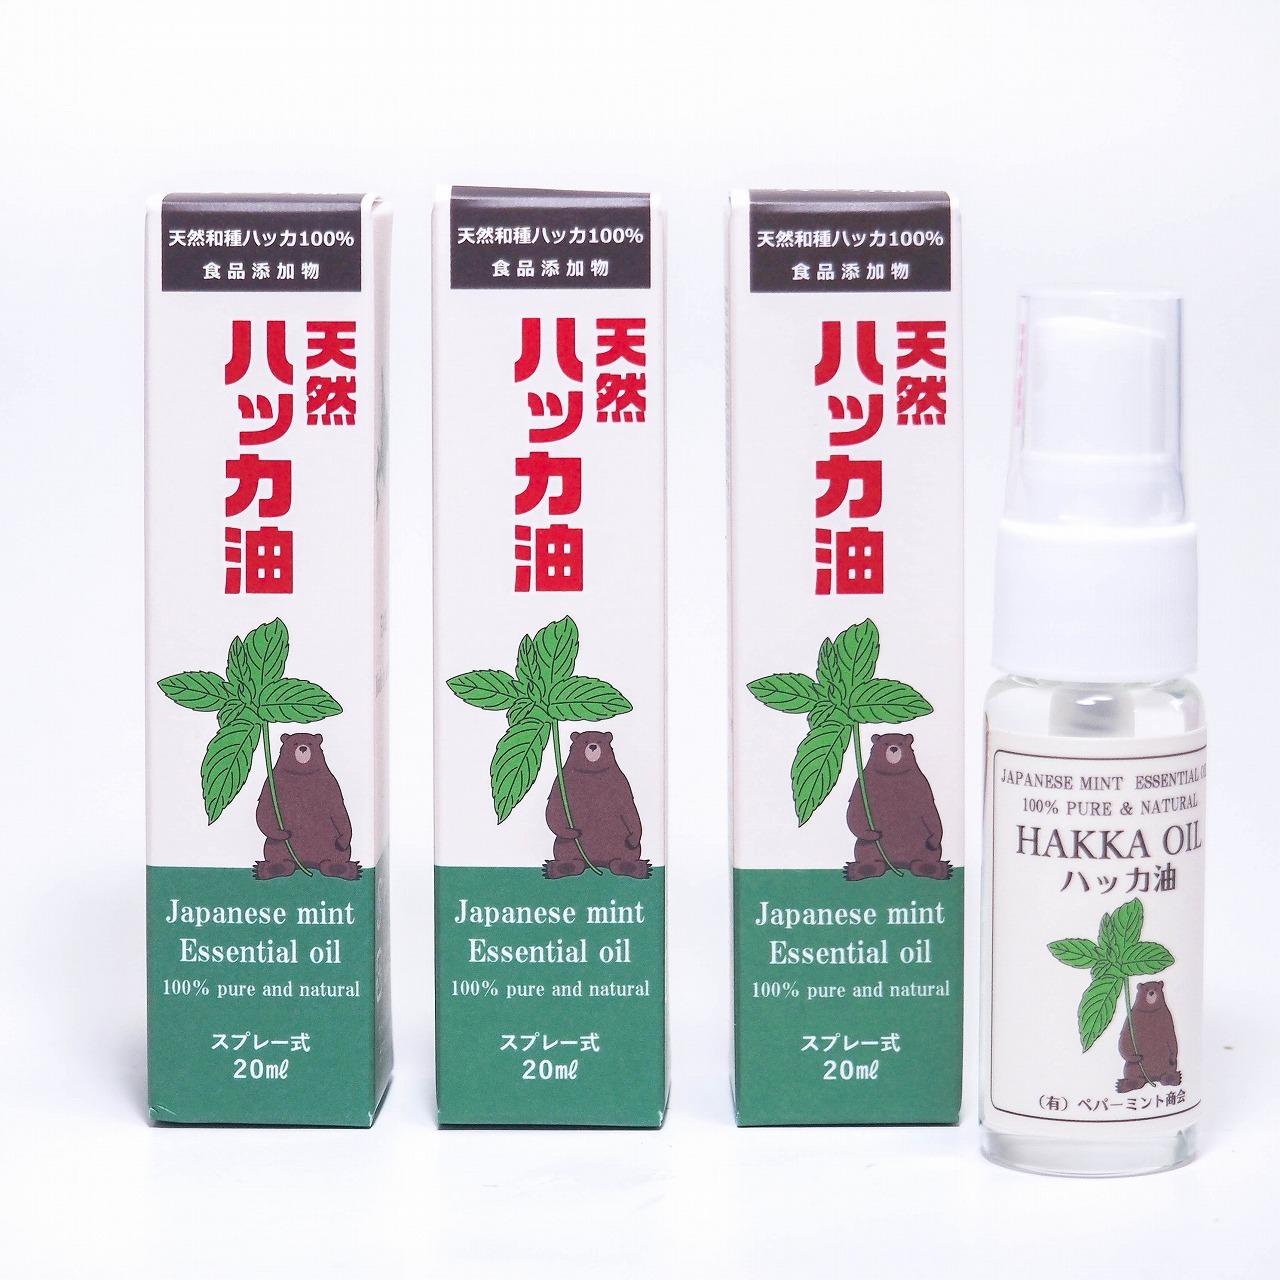 【送料無料】天然ハッカ油スプレー20ml 3本セット